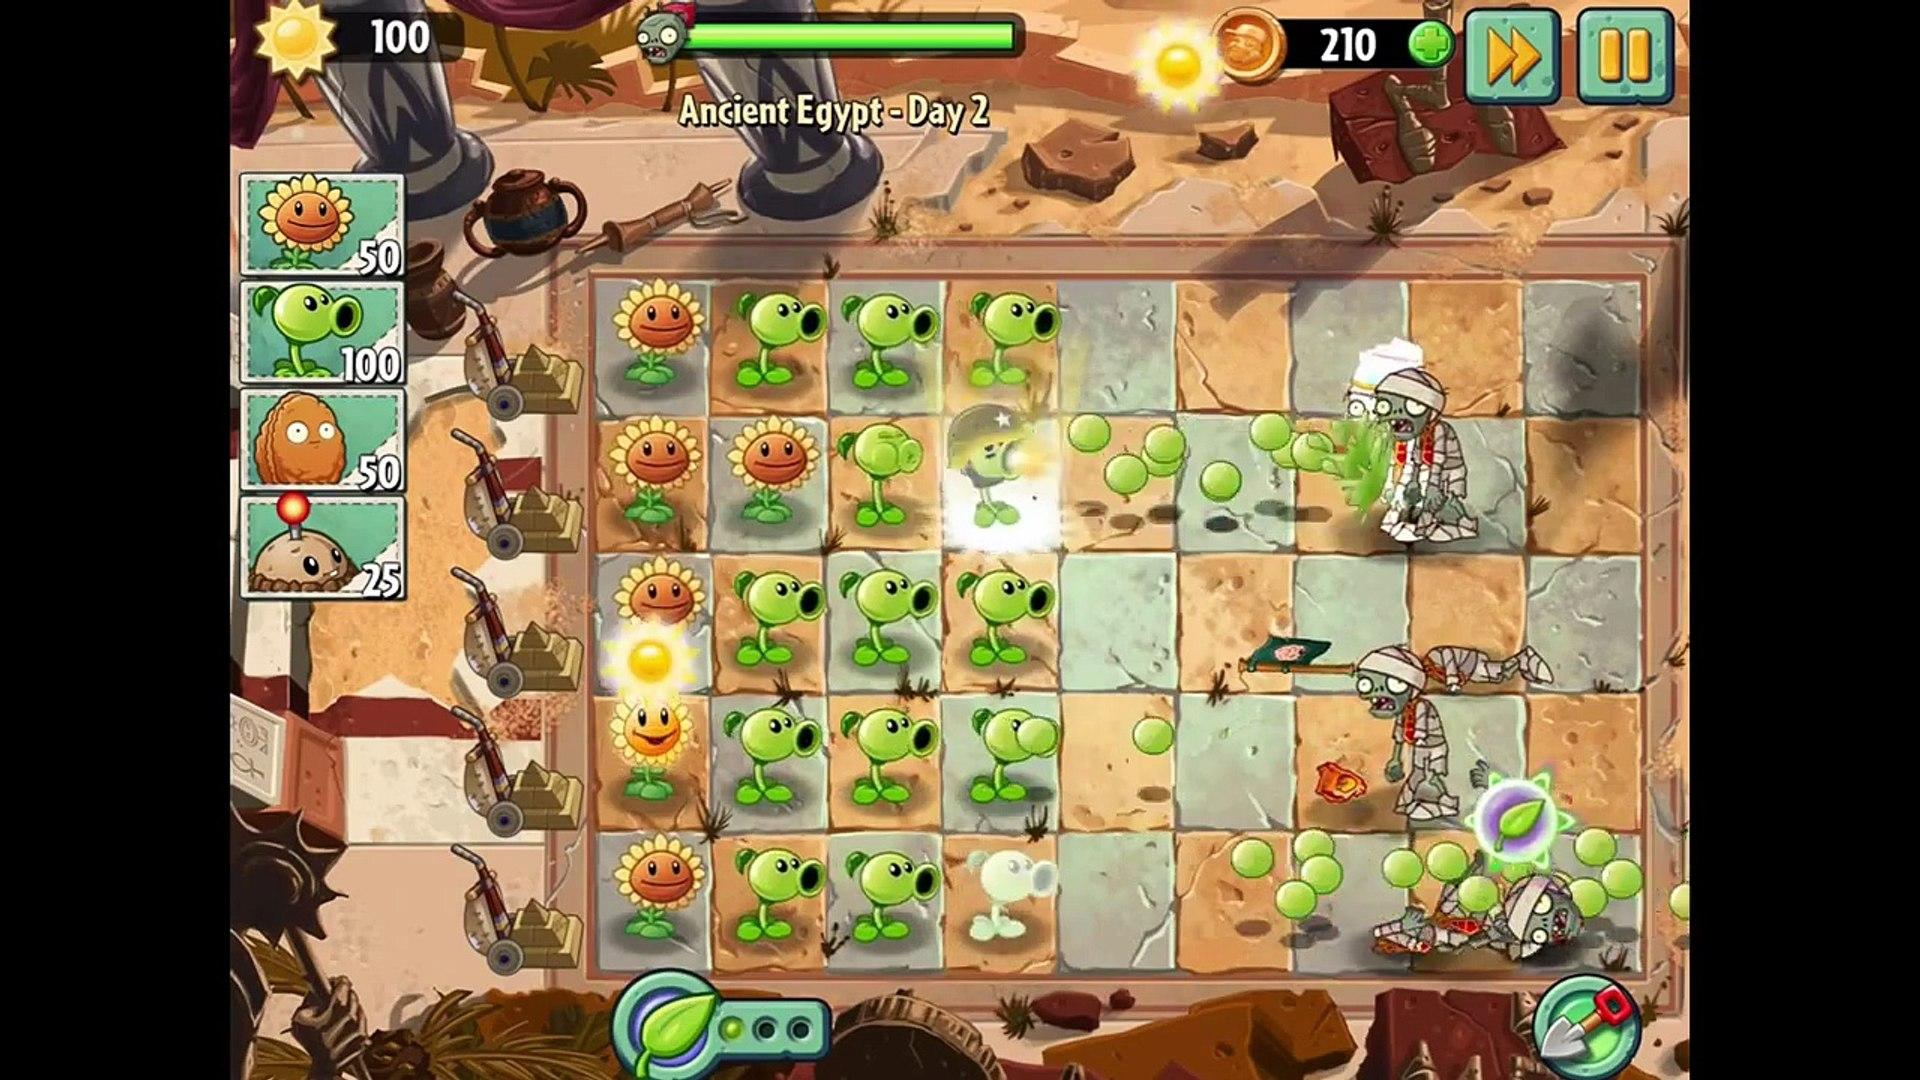 игра мультик приключеник овощи против зомби 2 игра египед часть 1 # 2